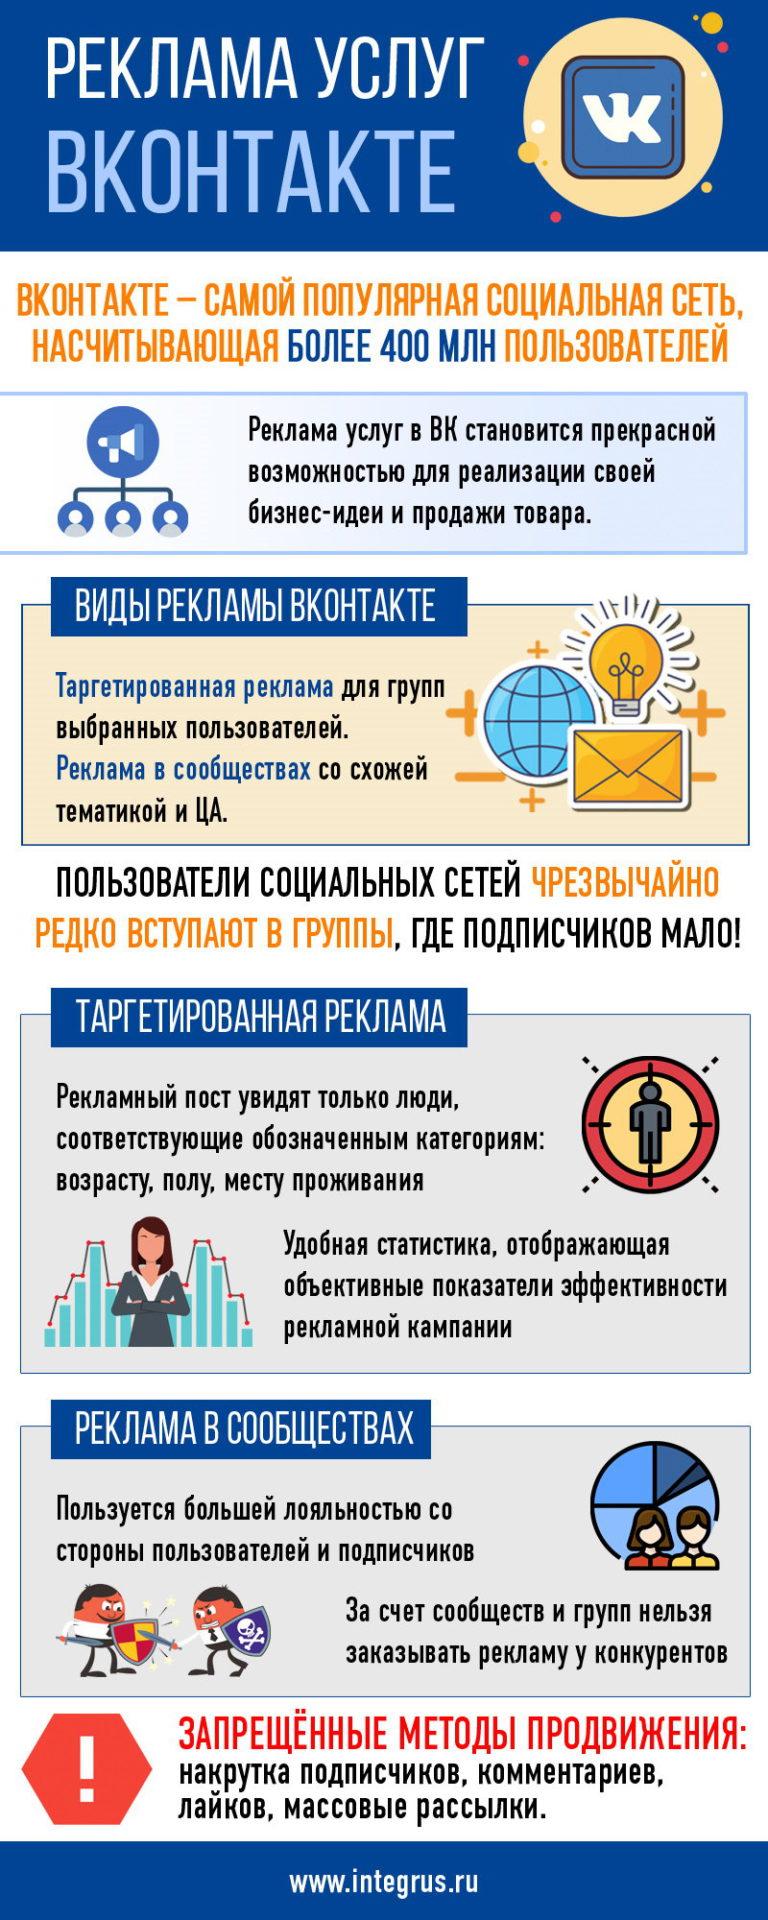 Продвижение товаров и услуг ВКонтакте